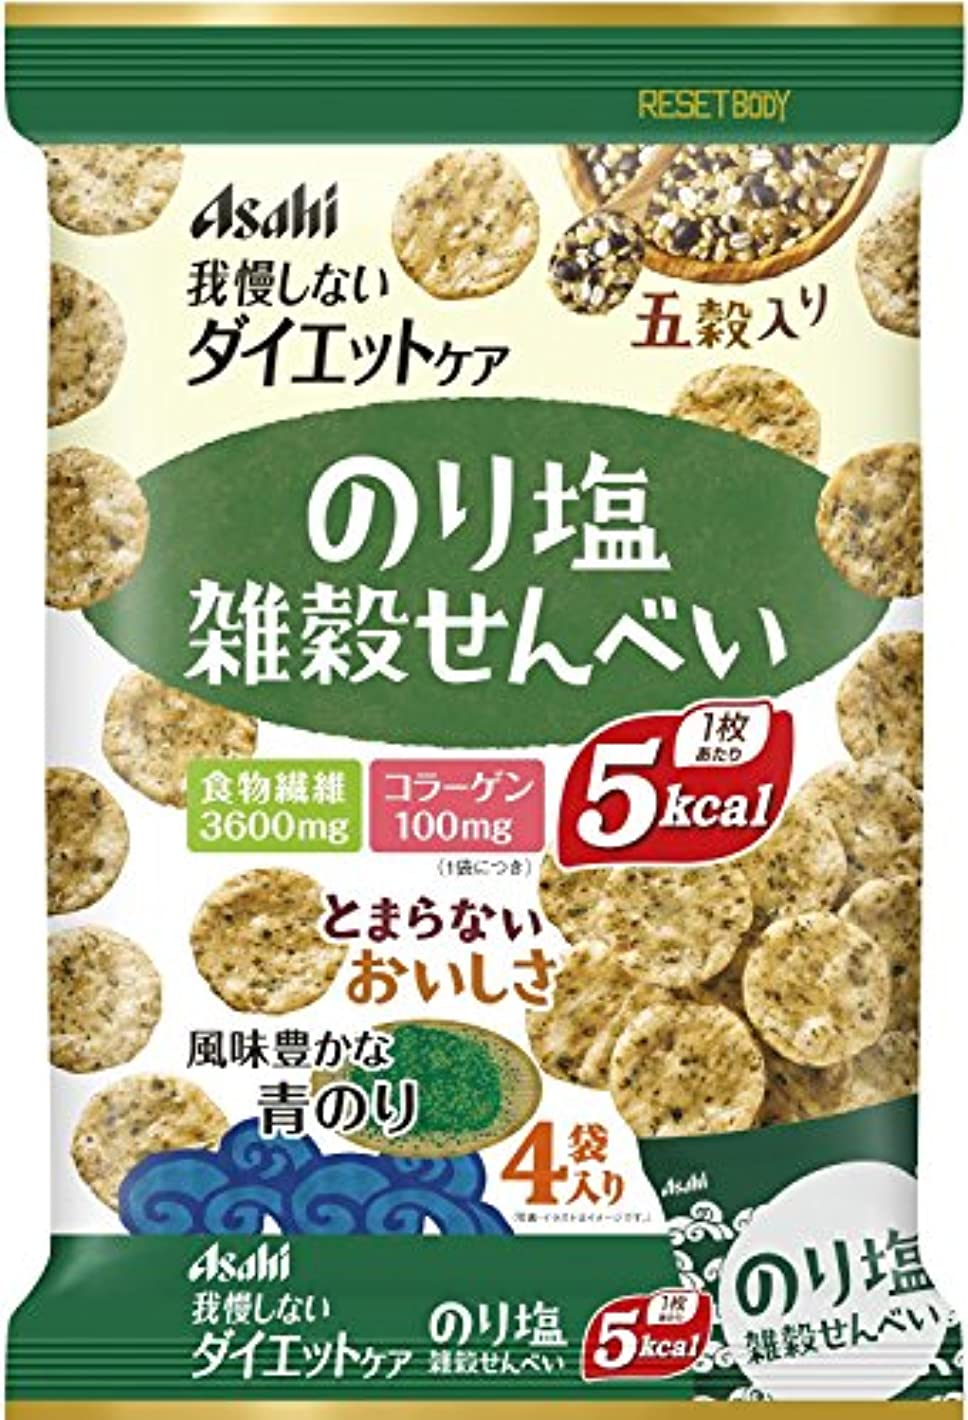 日没コート引用リセットボディ 雑穀せんべい のり塩味 88g(22g×4袋)